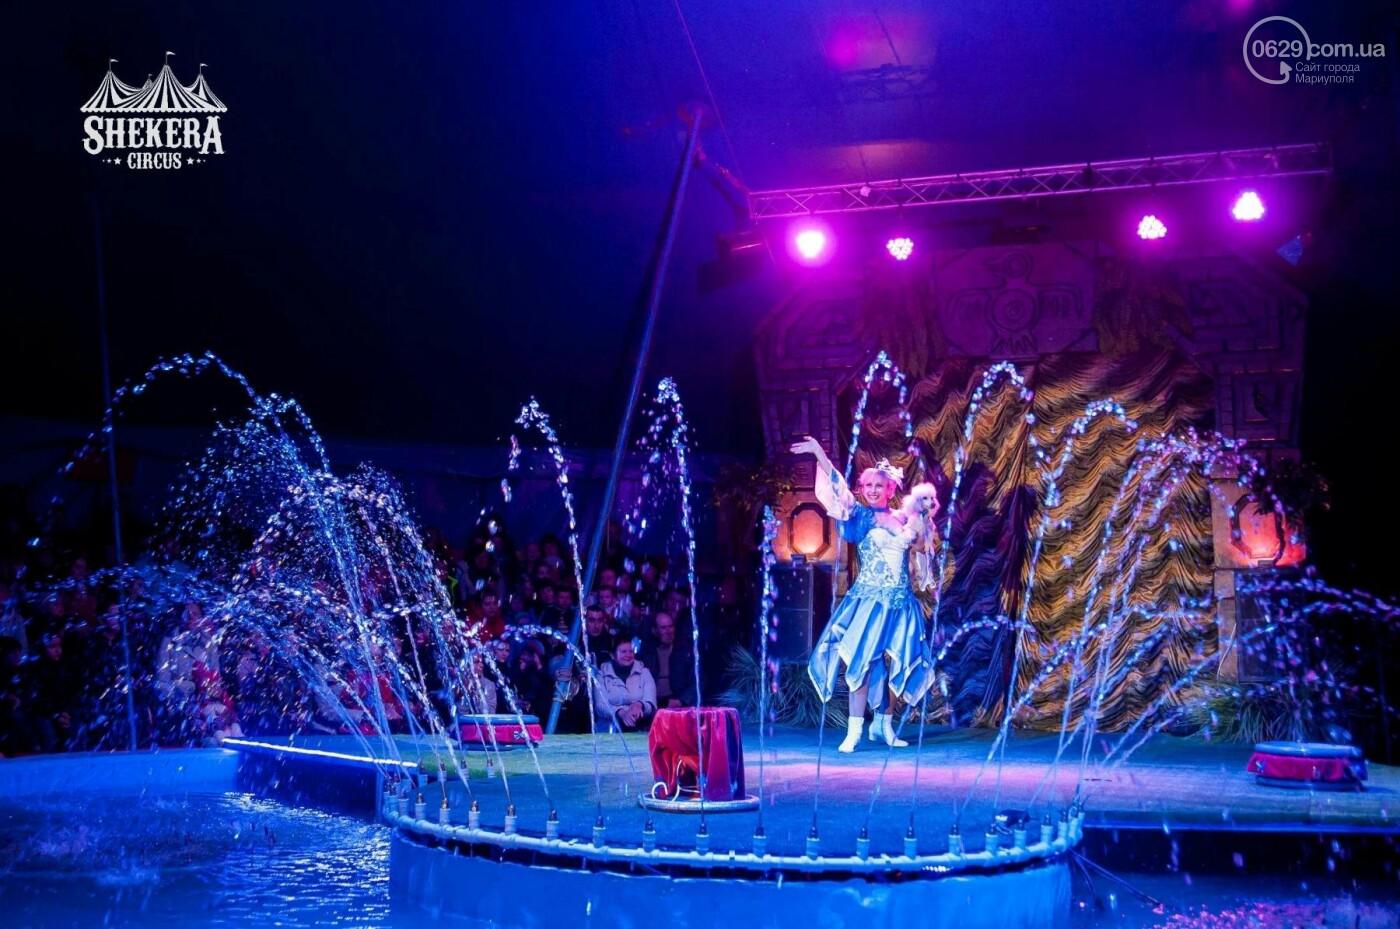 """Вперше у Маріуполі! Зустрічайте цирк """"Shekera"""" з новою програмою """"Alazana"""", фото-2"""